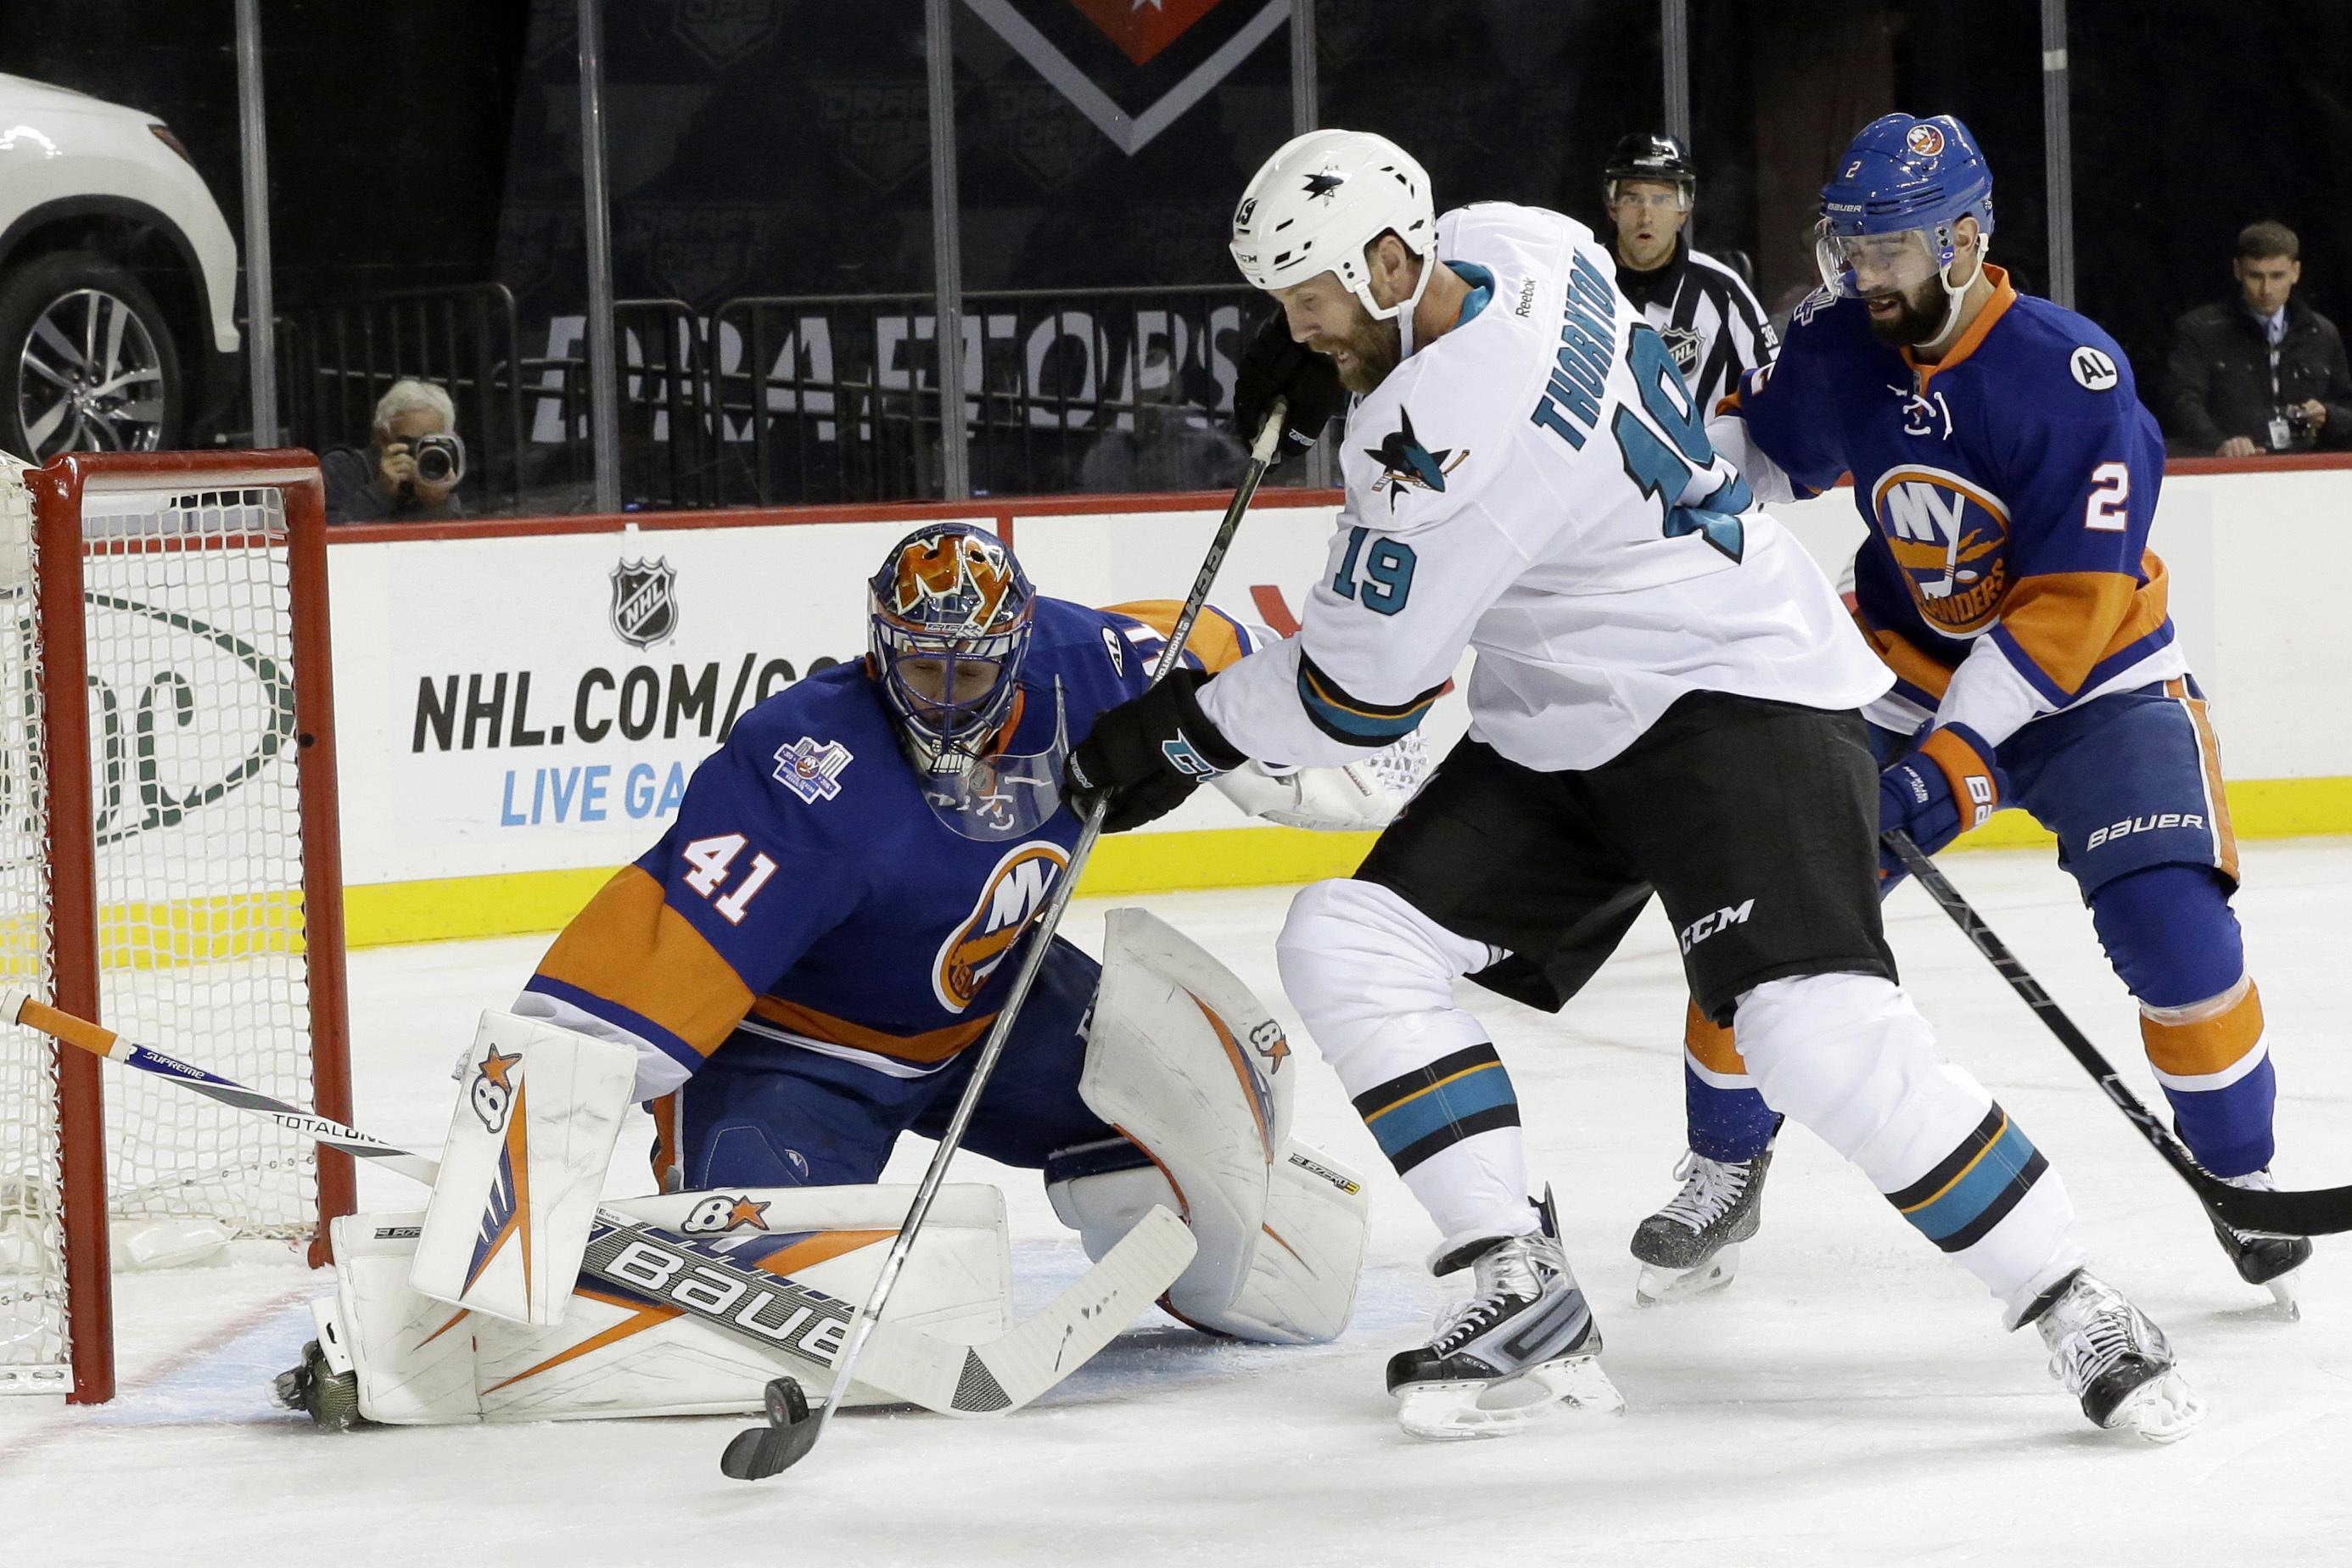 sharks_lslanders_hockey010507293818_r2213.jpg